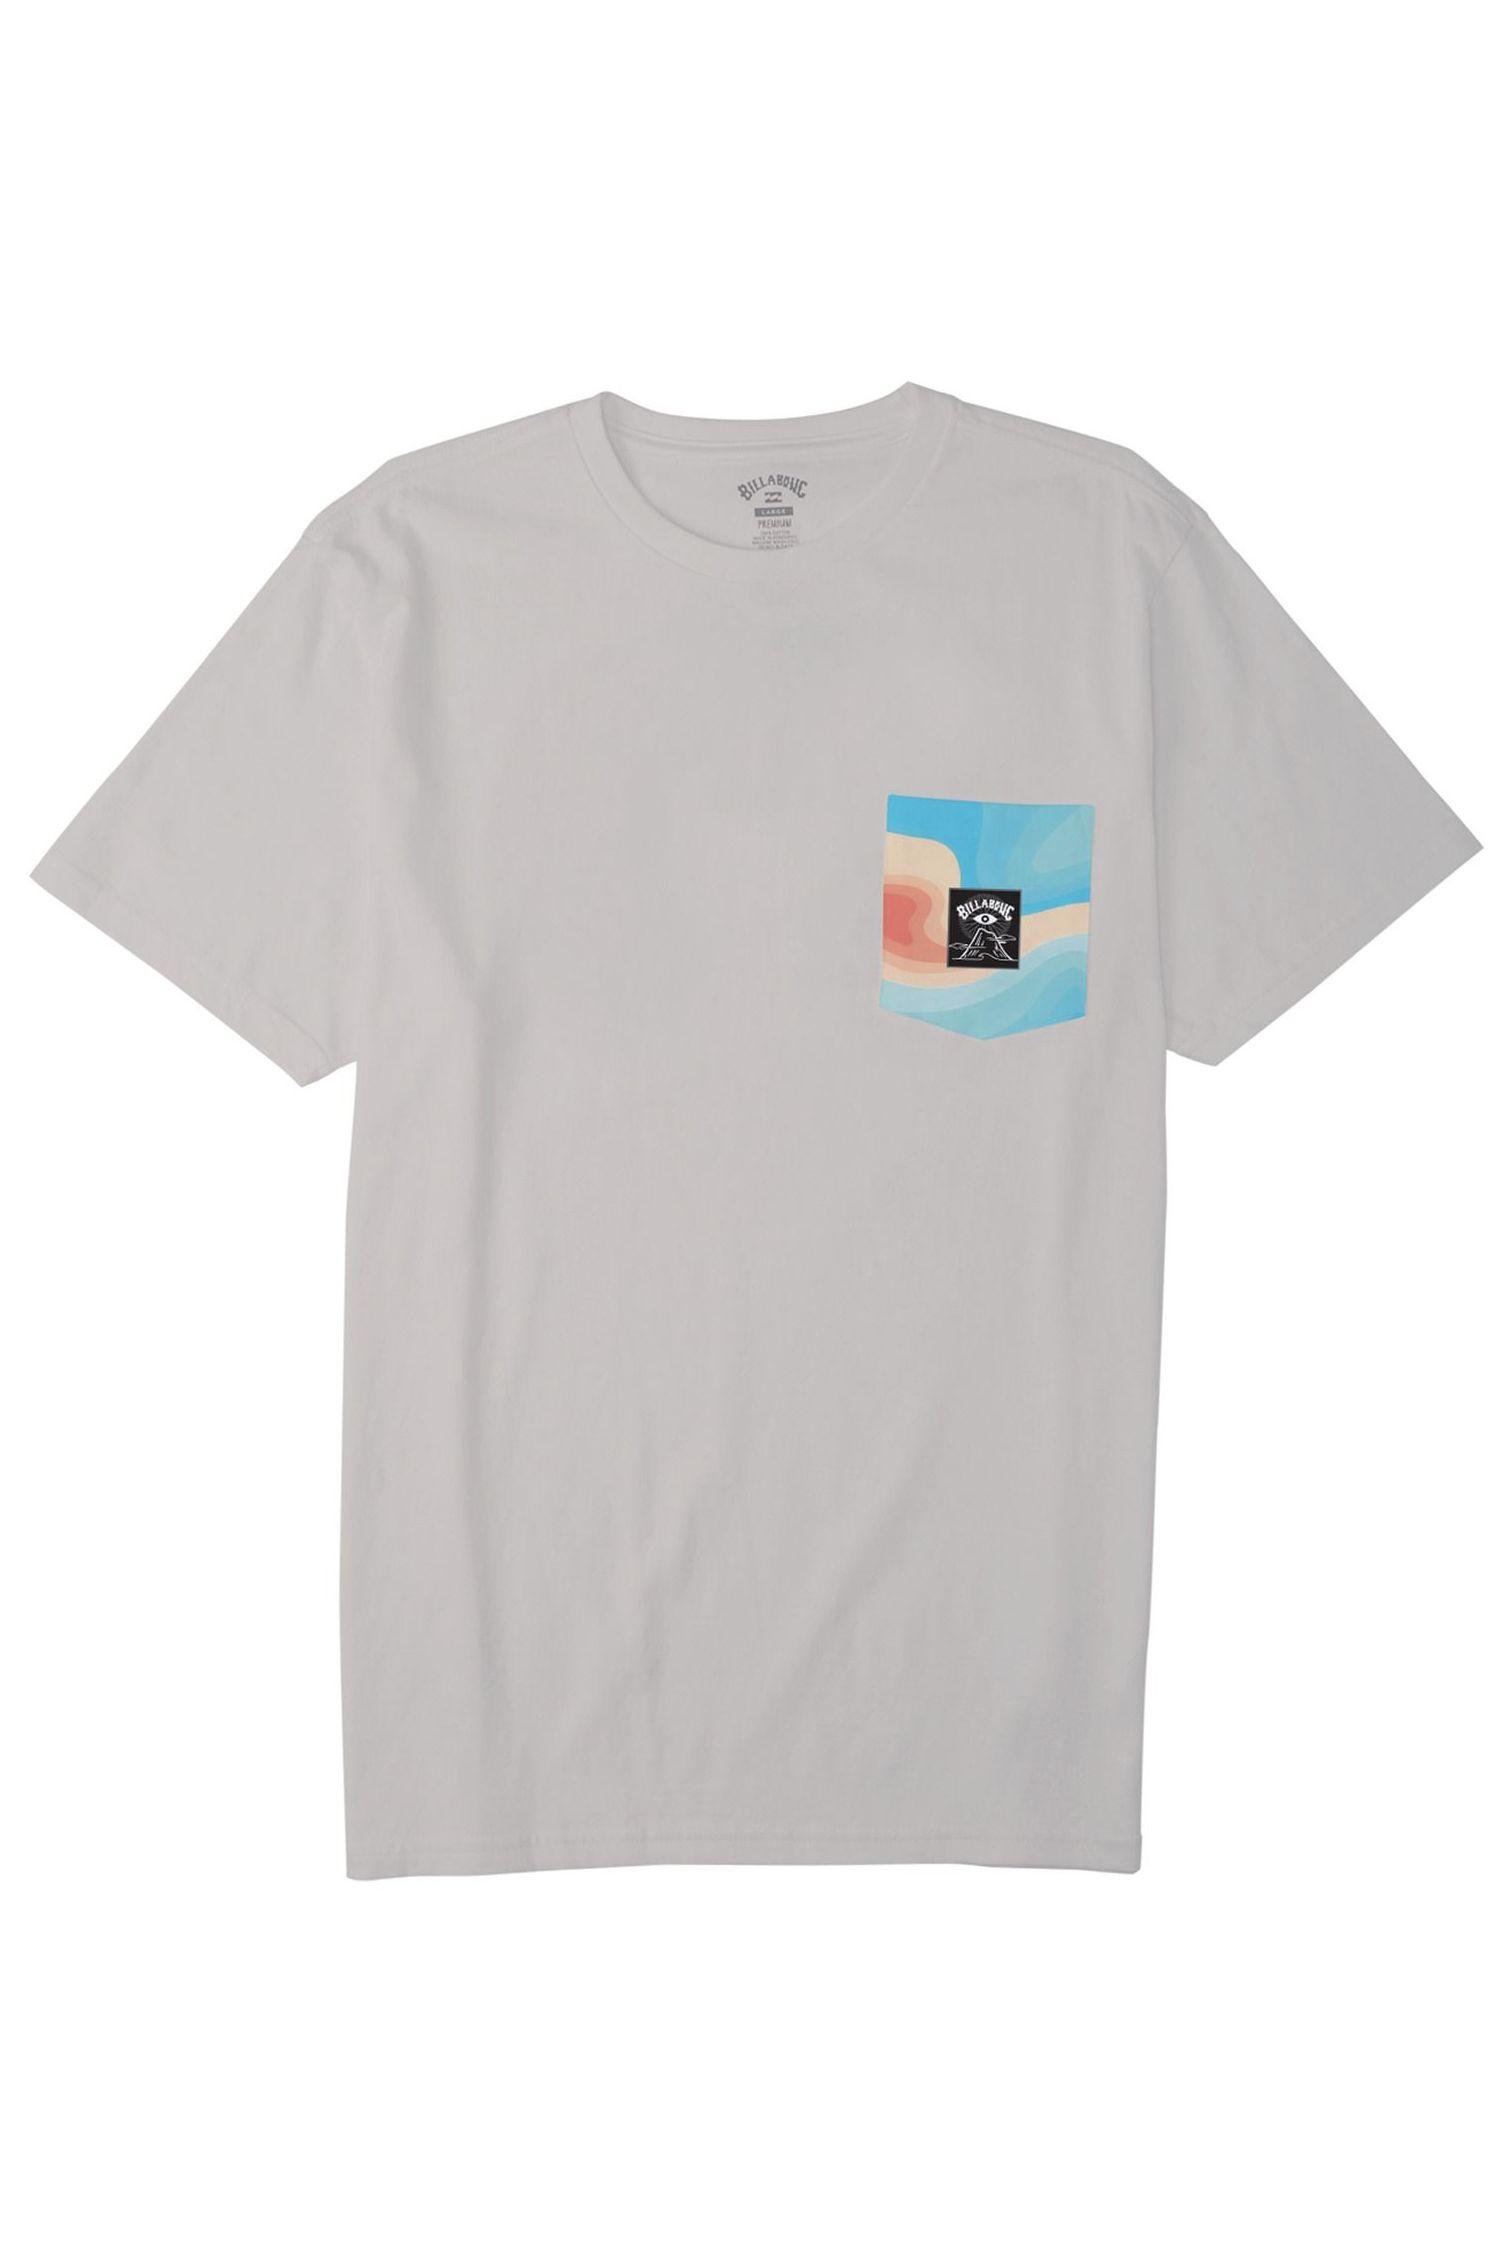 Billabong T-Shirt DESERT TRIP SS ADIV CHRIS BURKARD Chino